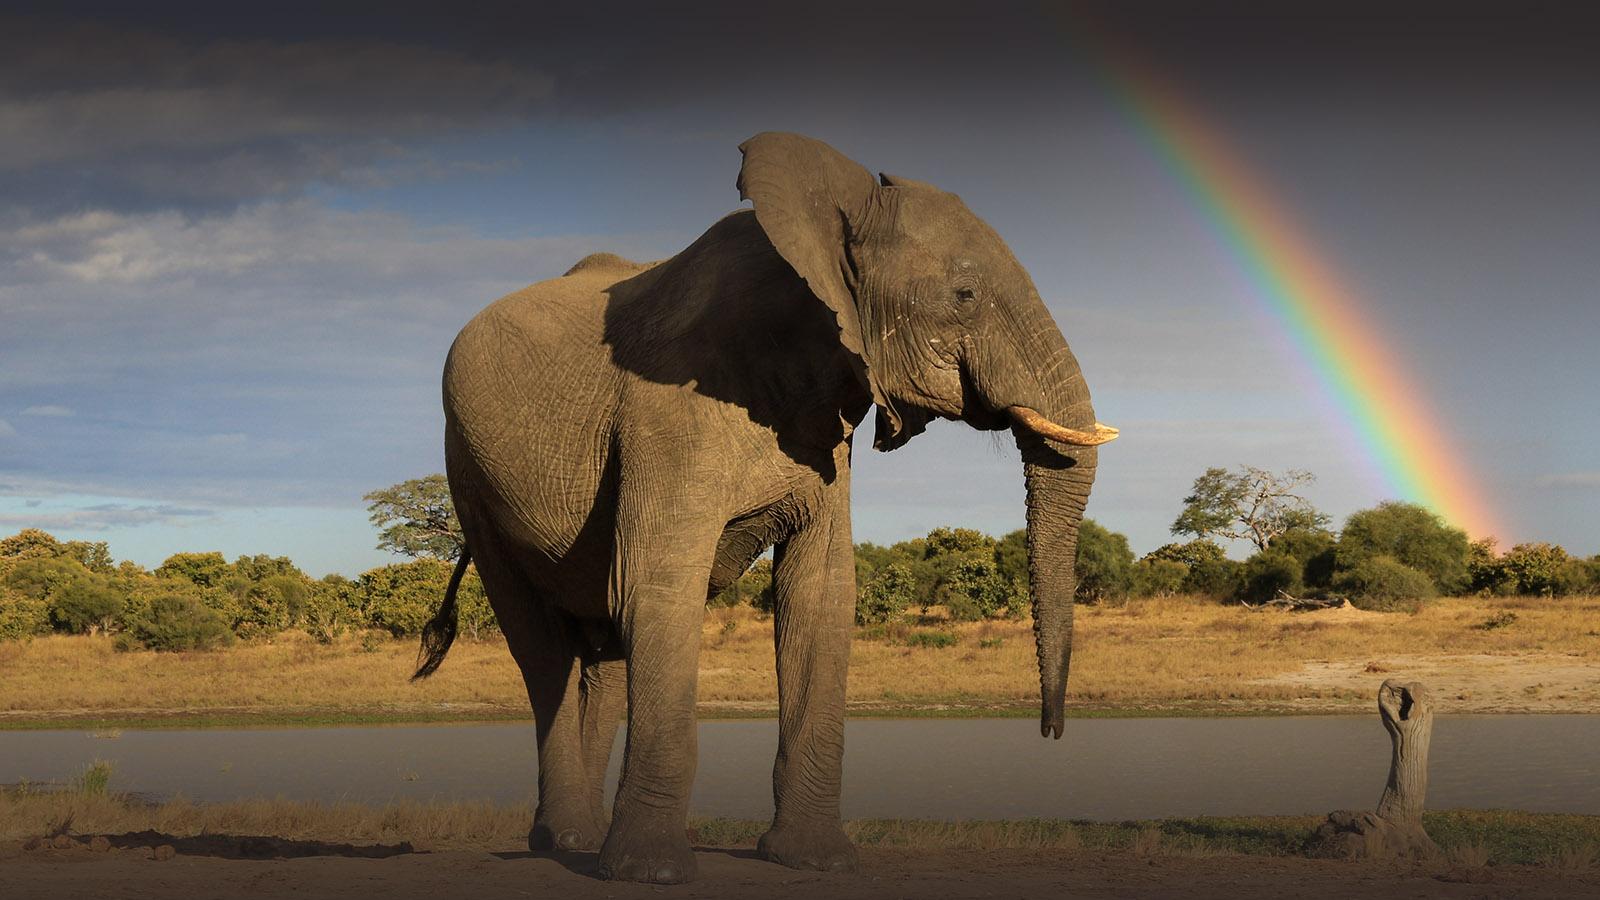 jozibanini camp hwange-national-park-zimbabwe-lodges-rustic-safaris-elephant-rainbow